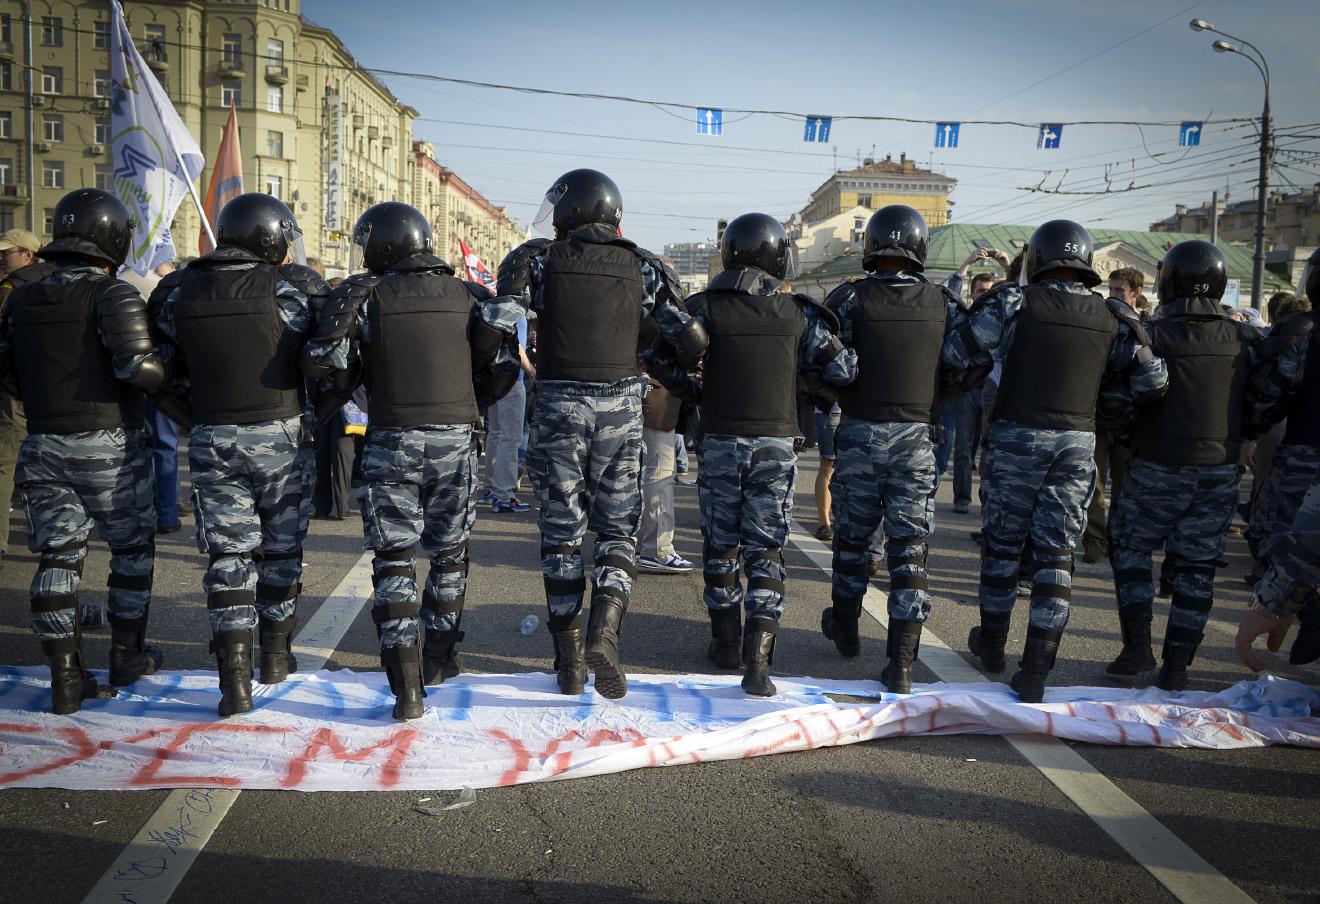 Сотрудники правоохранительных органов во время акции «Марш миллионов» на Болотной площади.